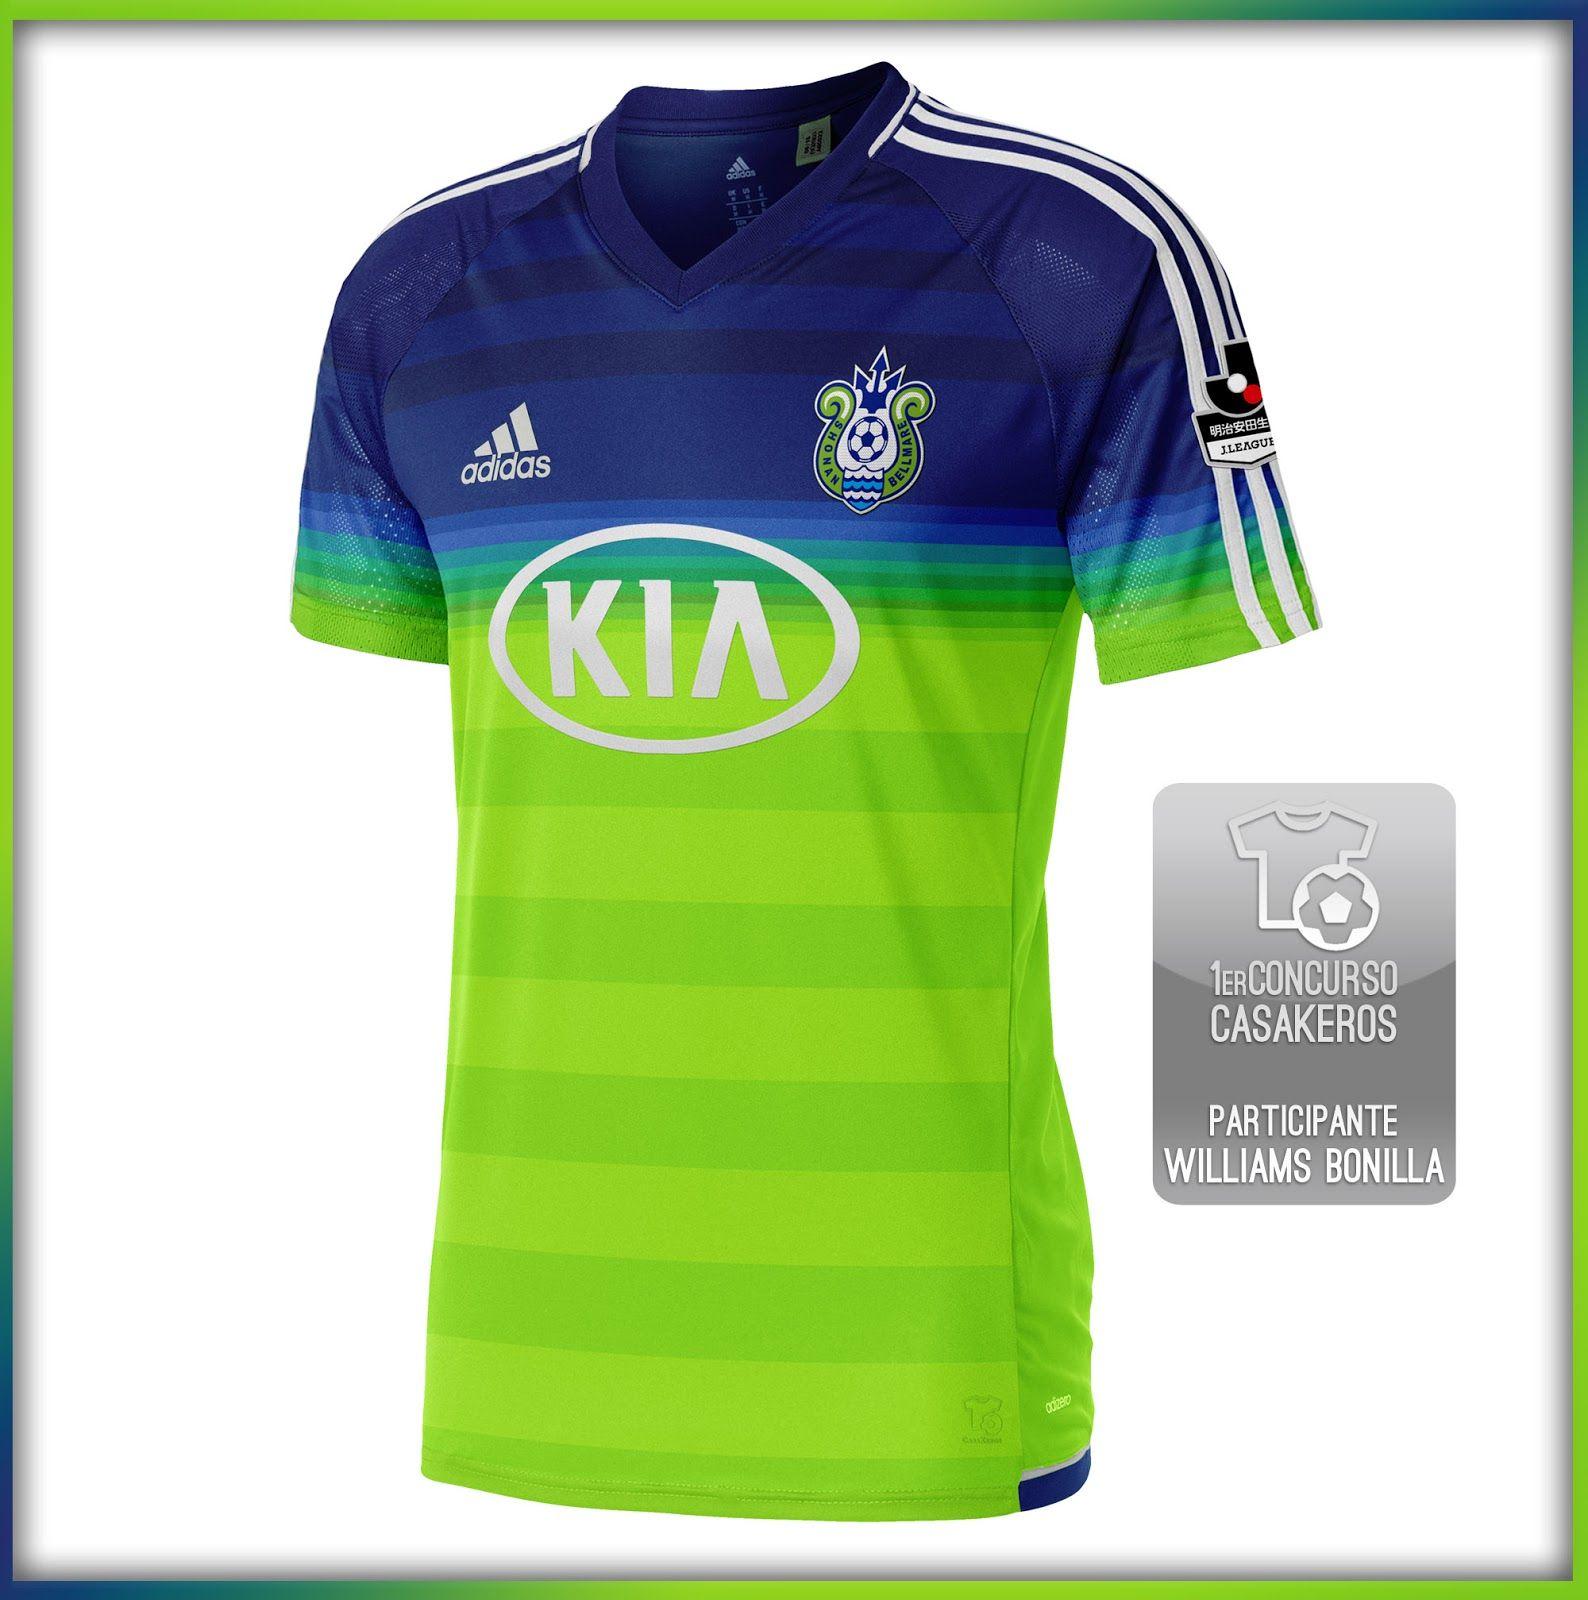 42dc79b78b63d Diseño de camisetas de fútbol real o fantasy    Creamos TEMPLATES de  camisetas de fútbol    Tutoriales    Mockups    Soccer Kit Templates